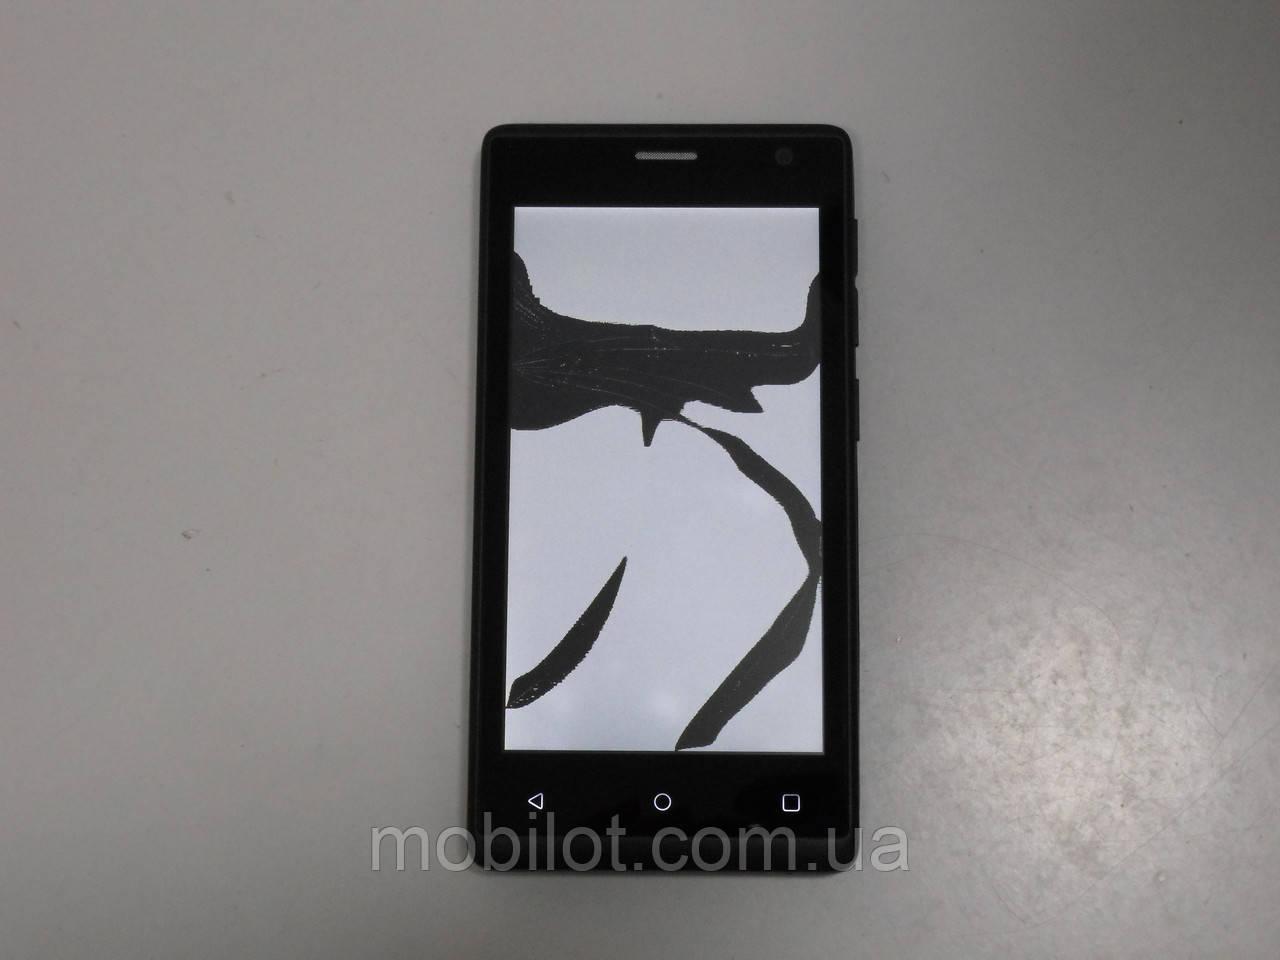 Мобильный телефон Prestigio Wize OK3 PSP3468 (TZ-7473) 2